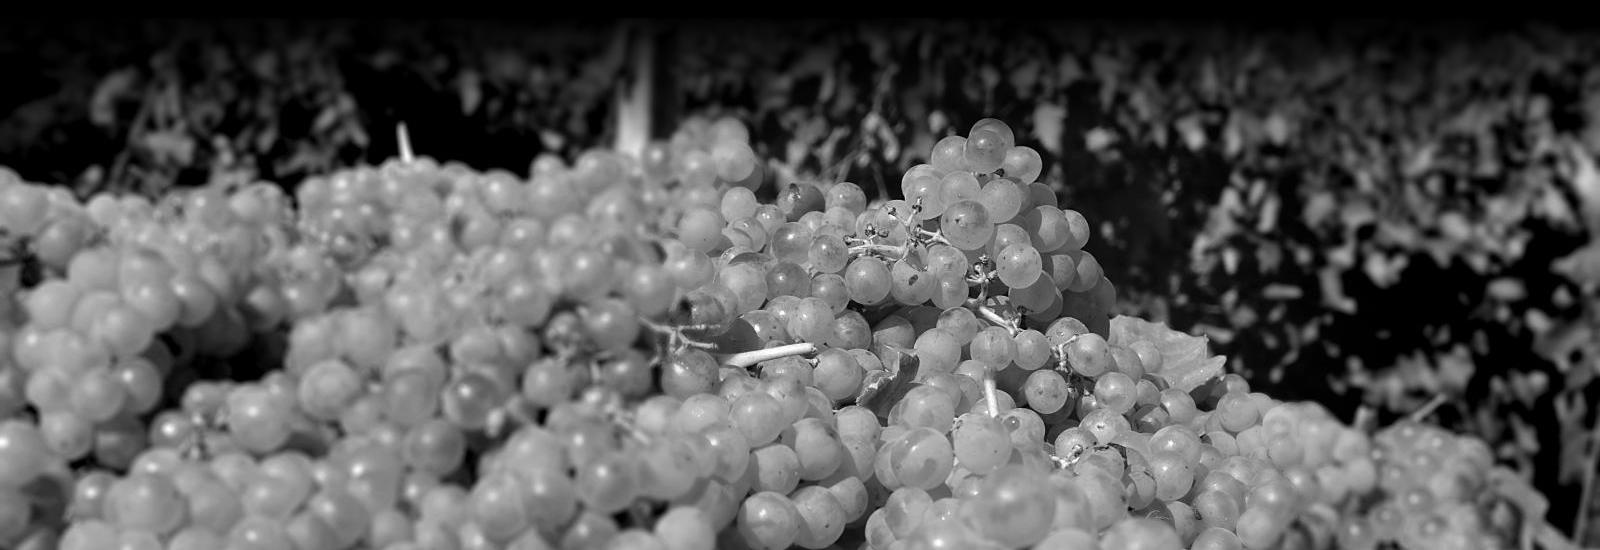 Produzione vini Cantina Barone